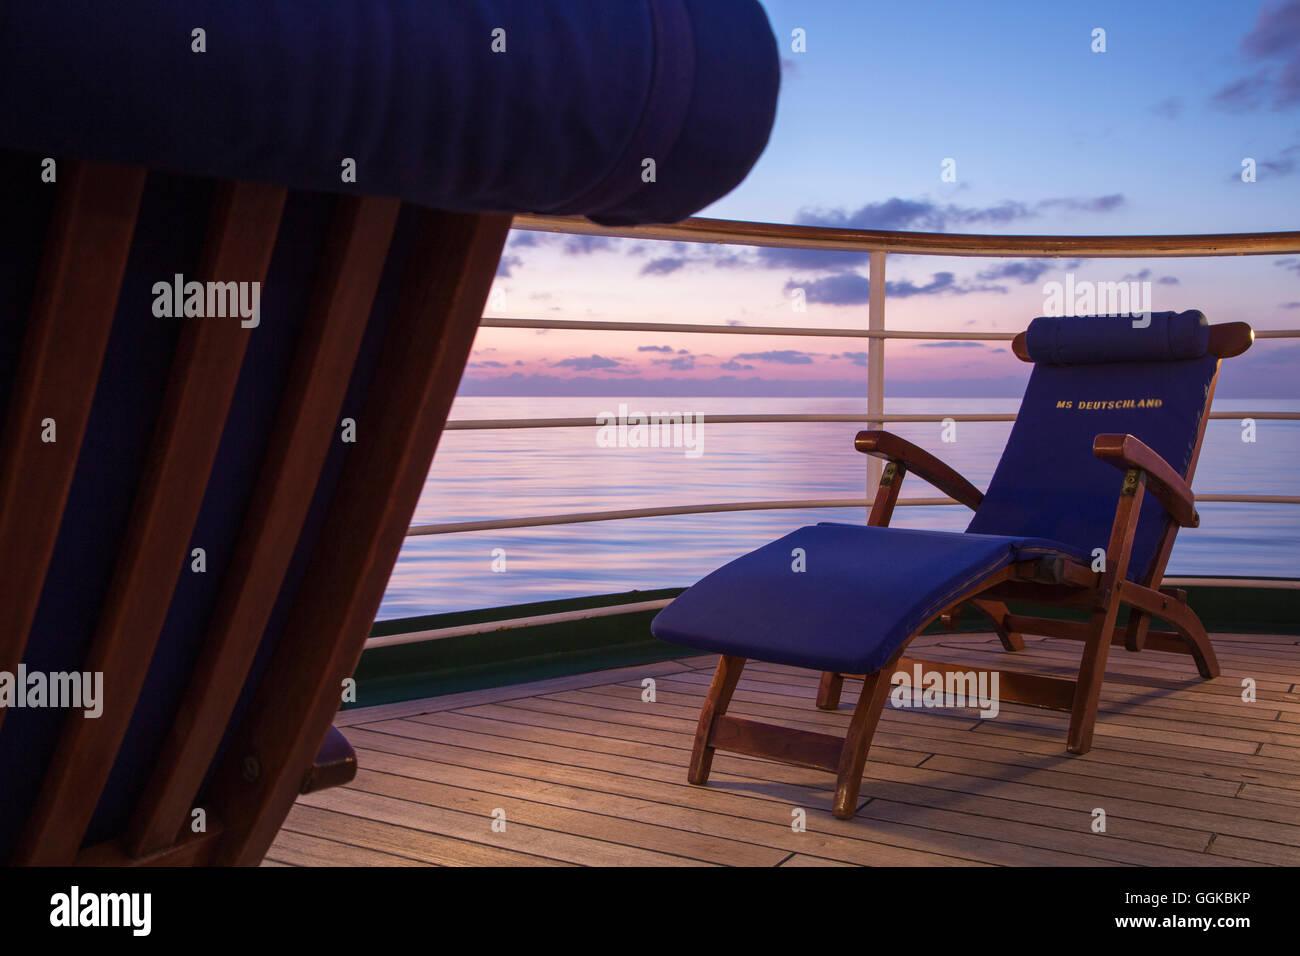 Deck chairs aboard cruise ship MS Deutschland (Reederei Peter Deilmann) at dusk, Mediterranean Sea, near Italy - Stock Image